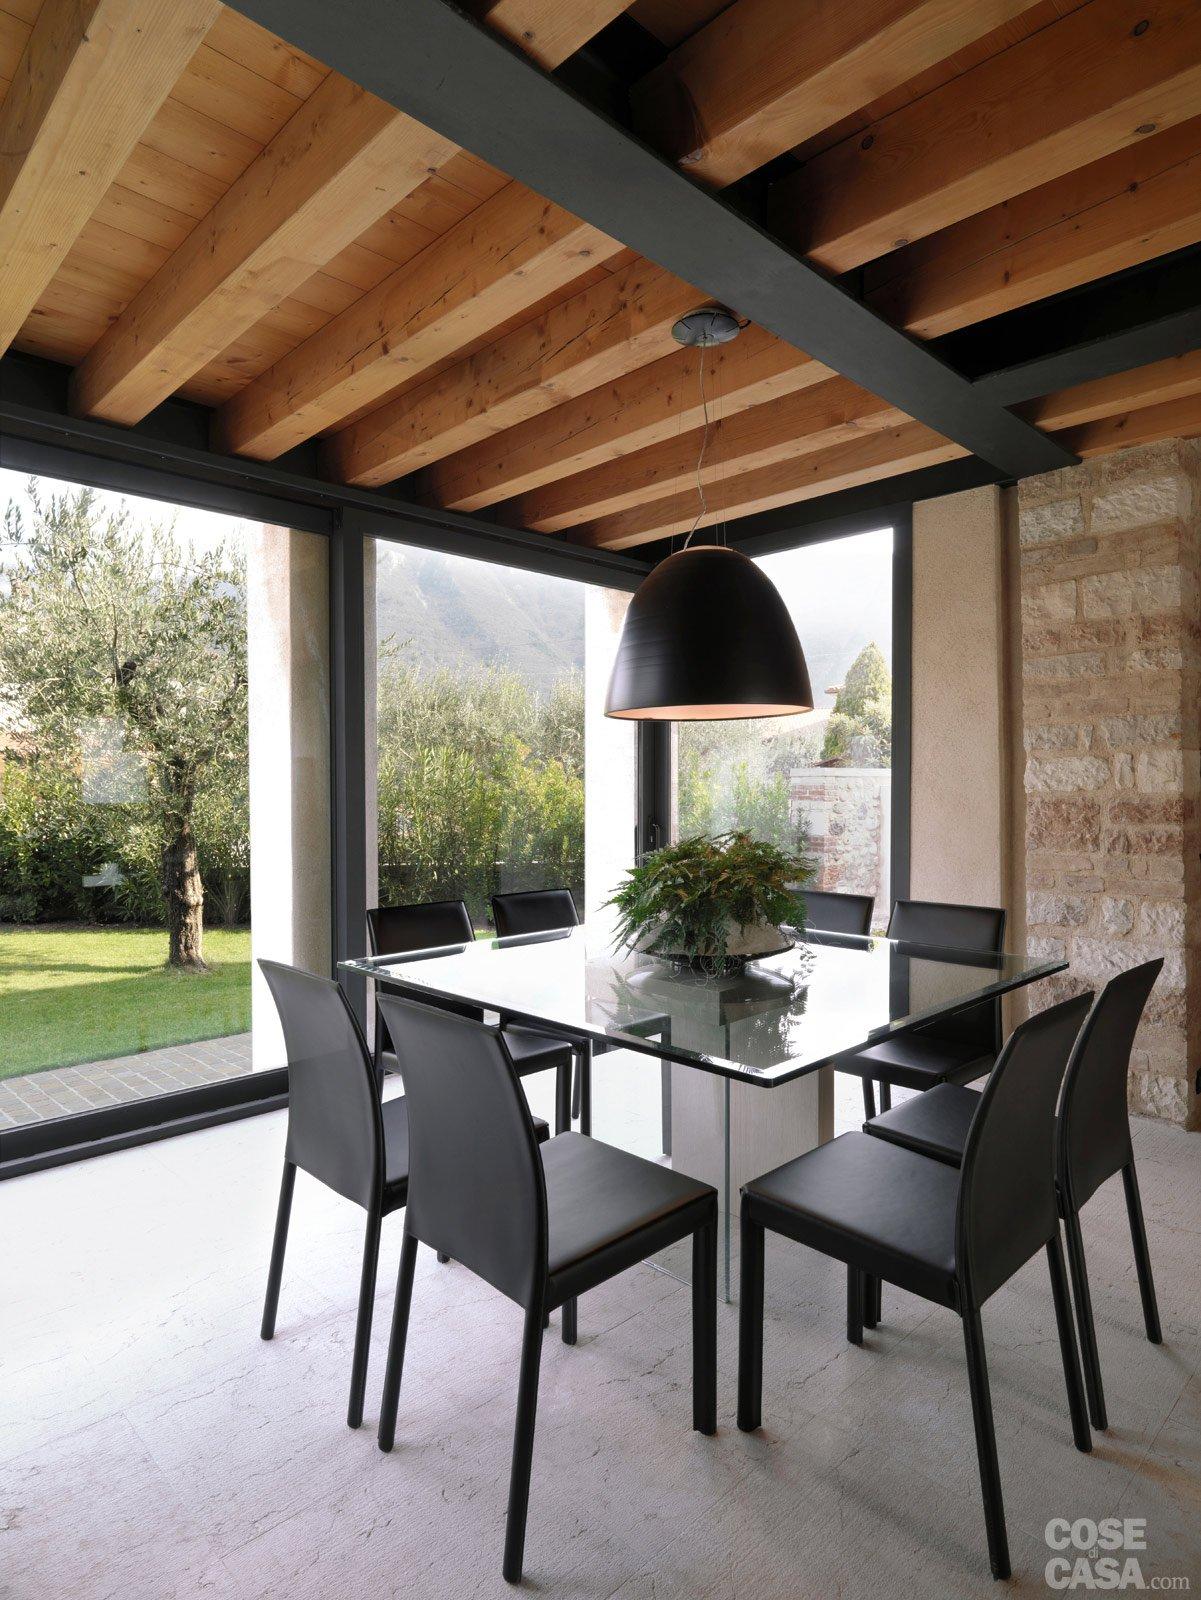 Legno e pietra a vista nella casa restaurata cose di casa - Dipingere cucina legno ...